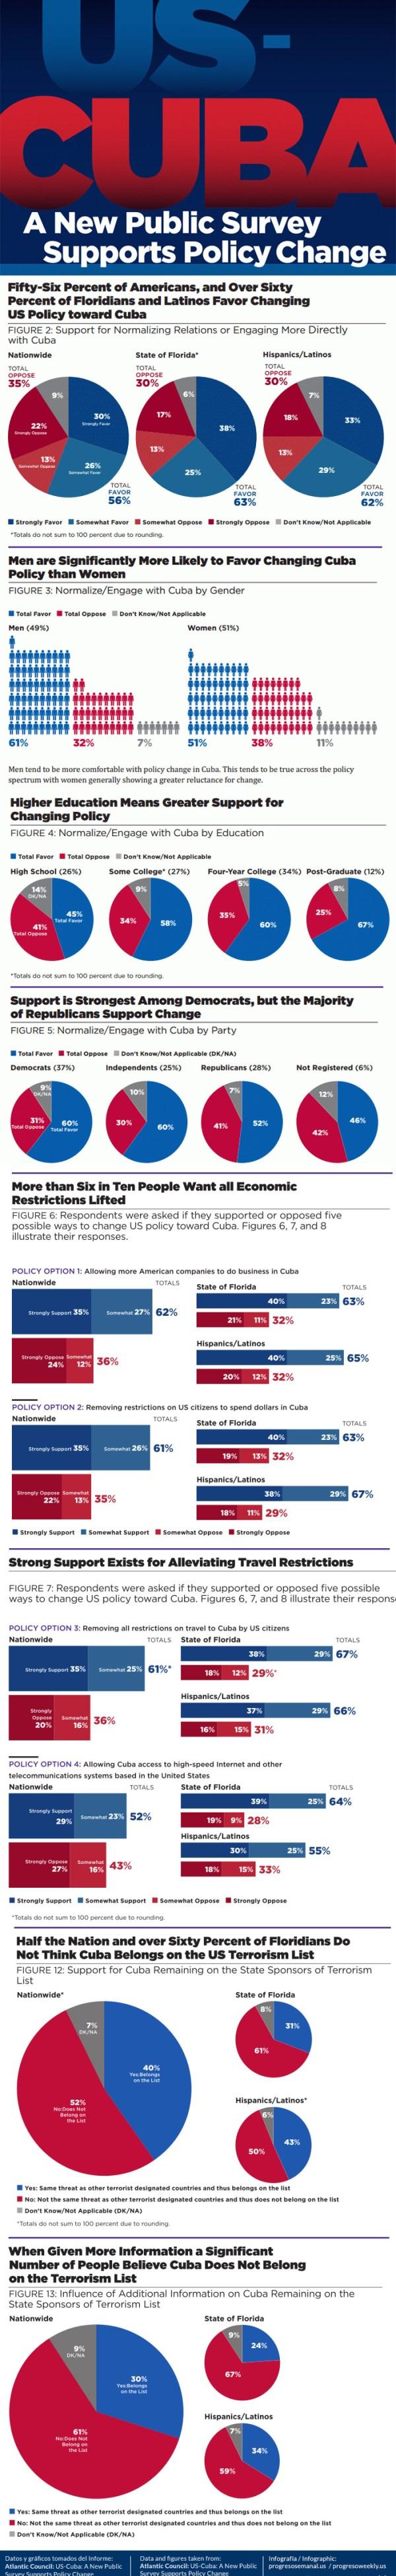 Infografía encuesta a norteamericanos sobre su percepción sobre las relaciones con Cuba